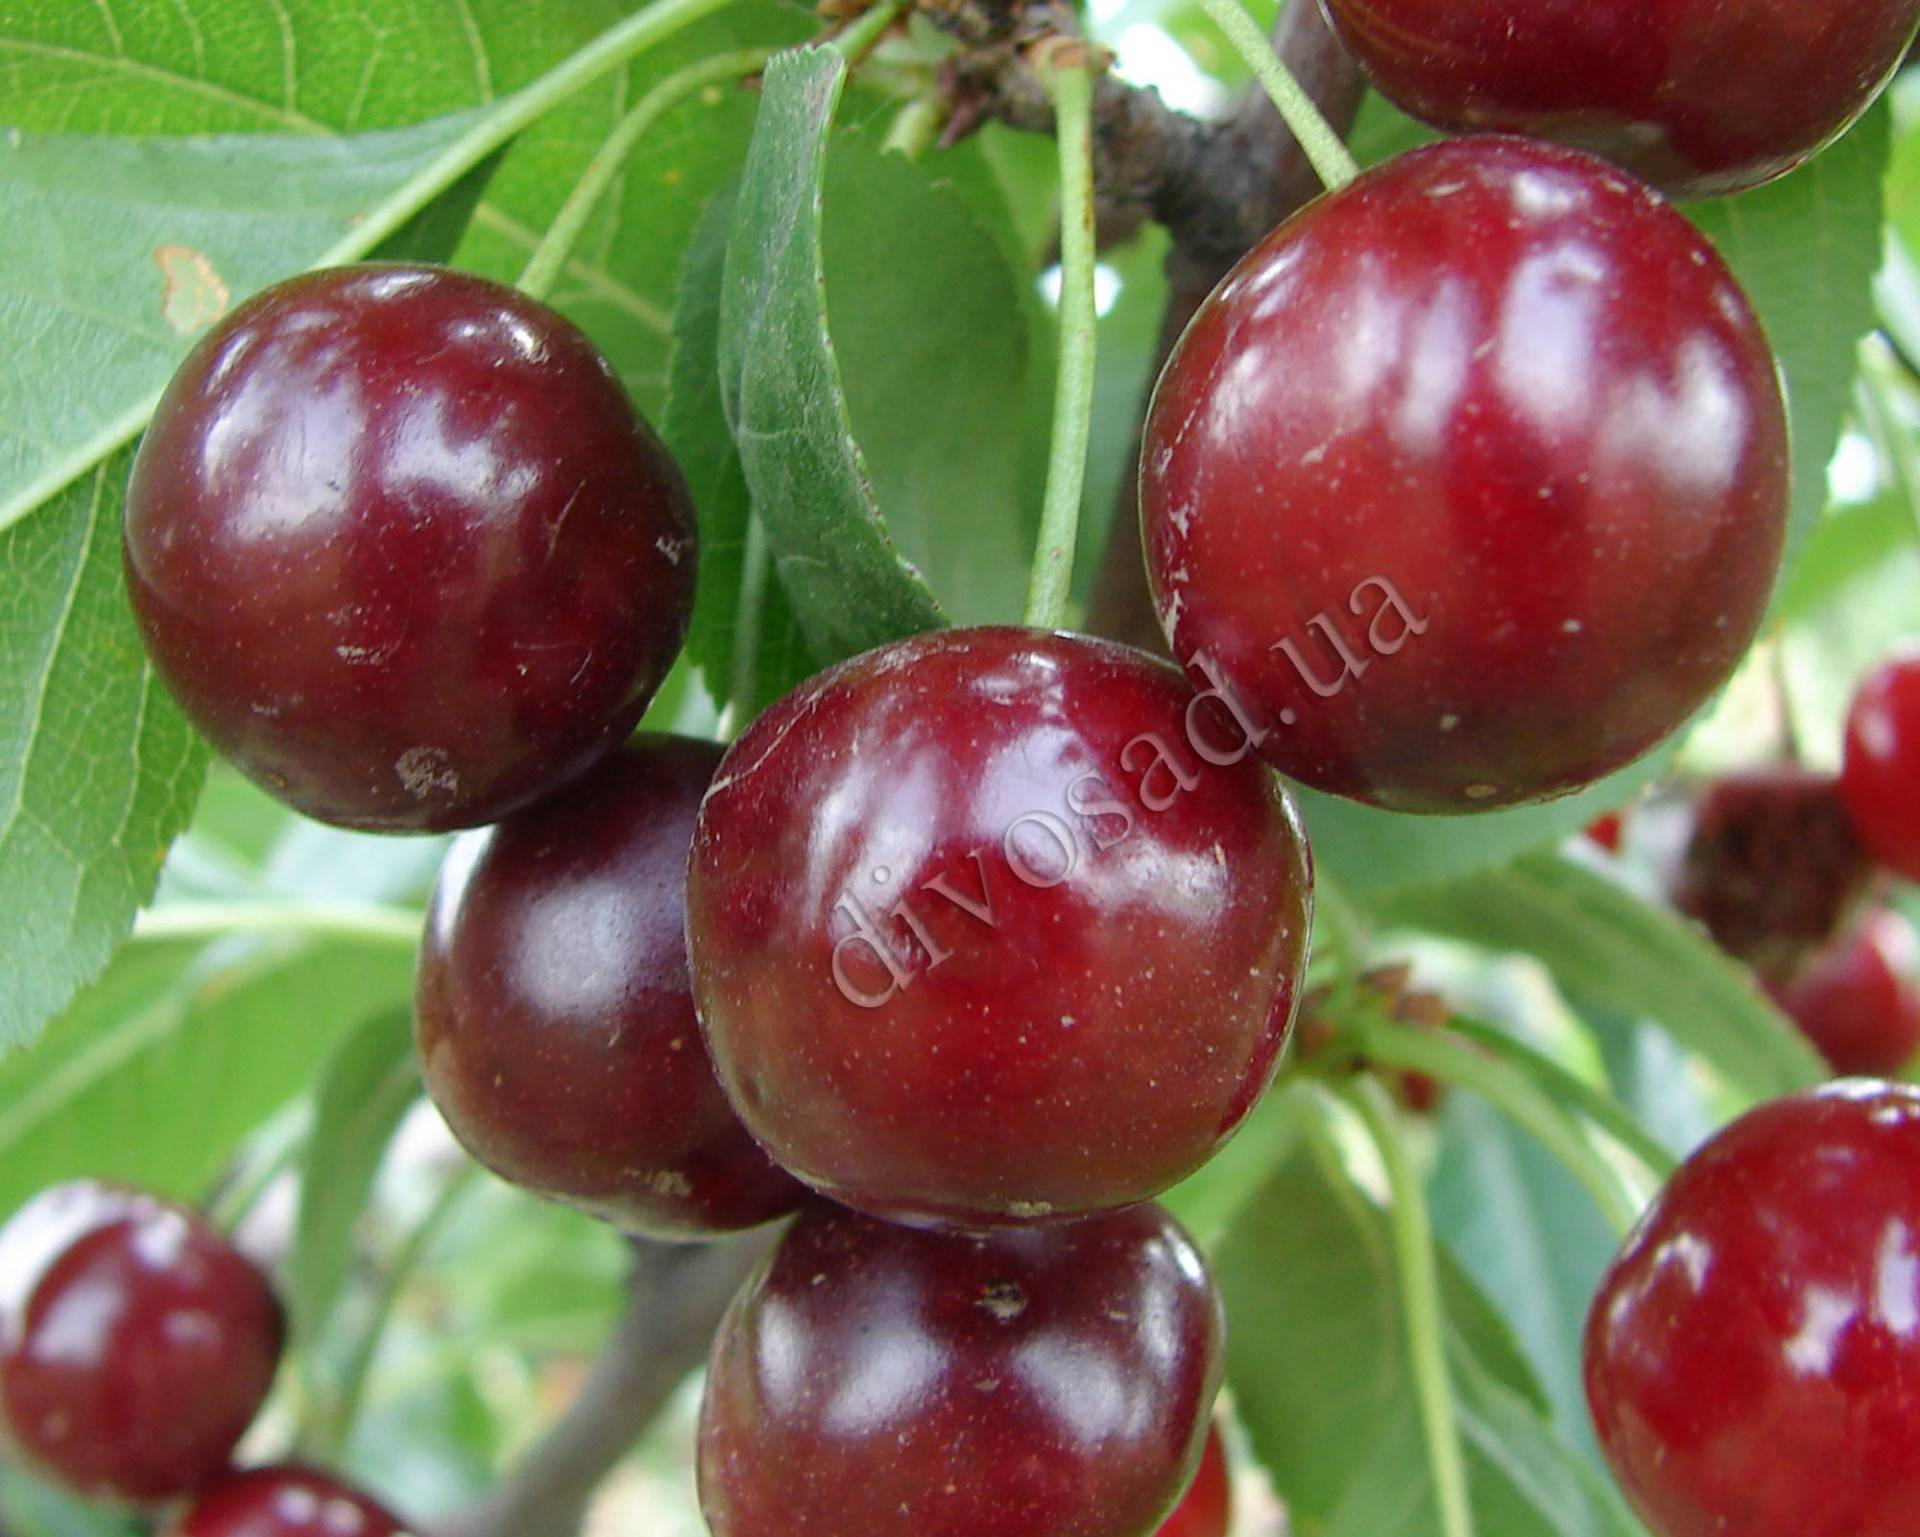 Какие сорта опылителей подобрать для вишни и черешни – подробное руководство